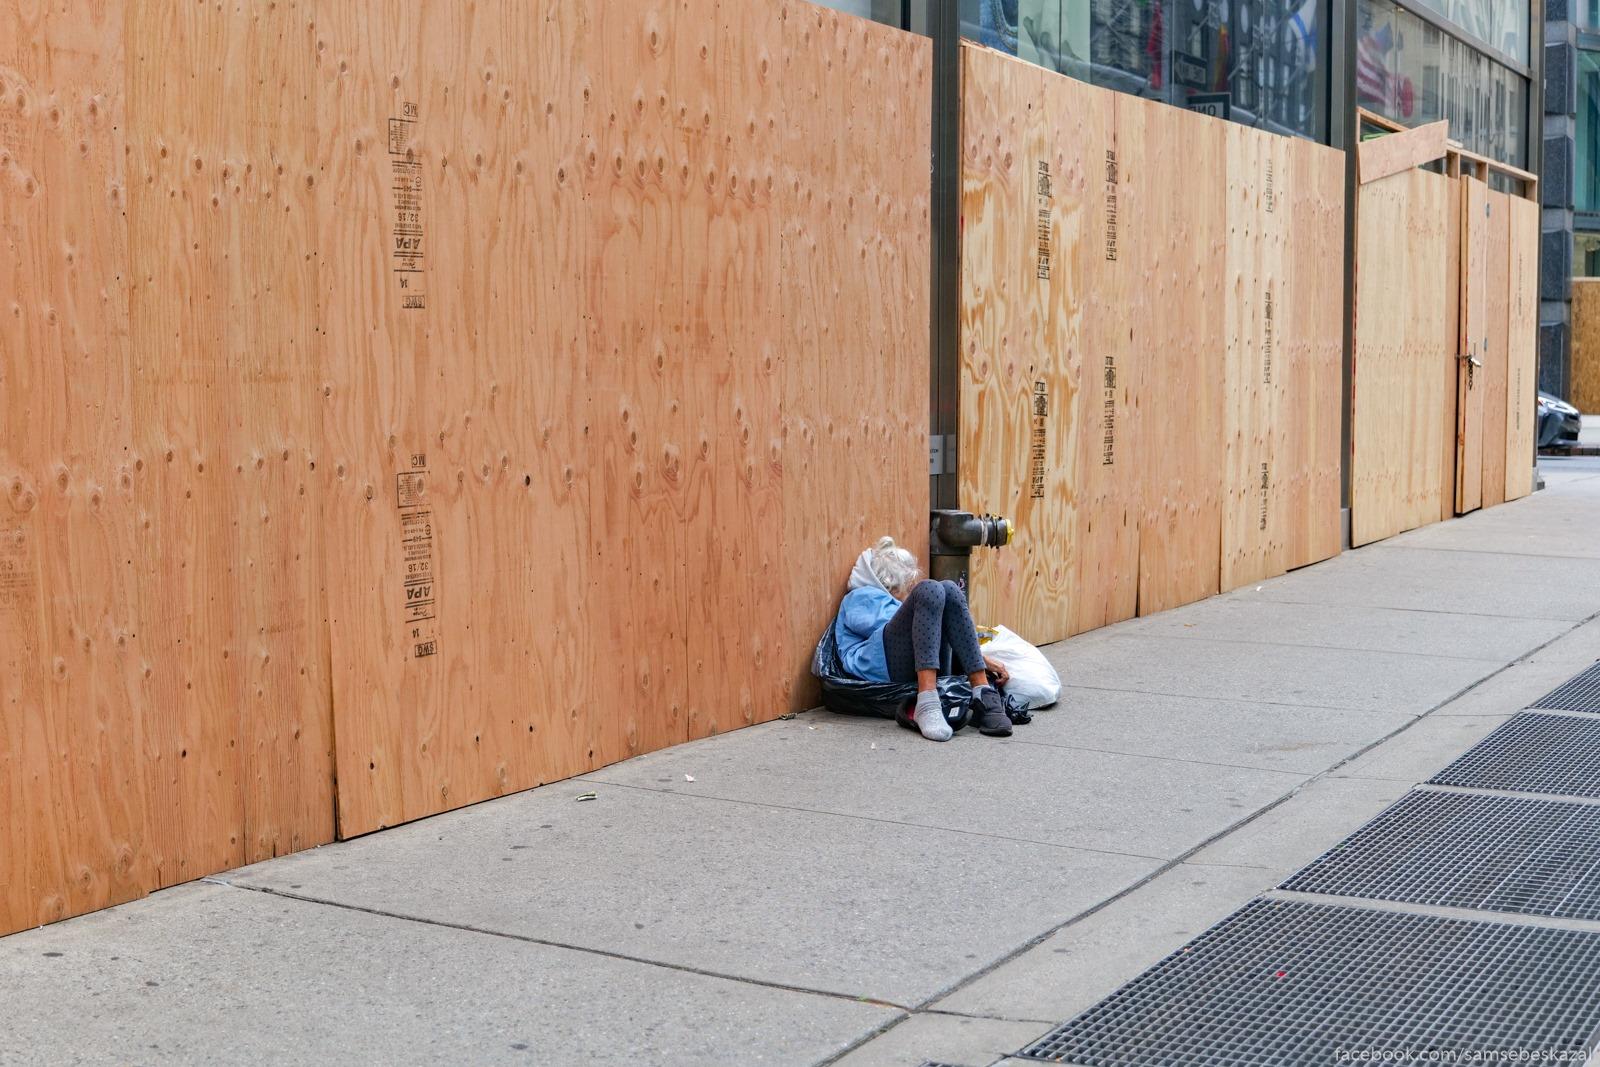 Ranʹse bezdomnyh iz etogo...